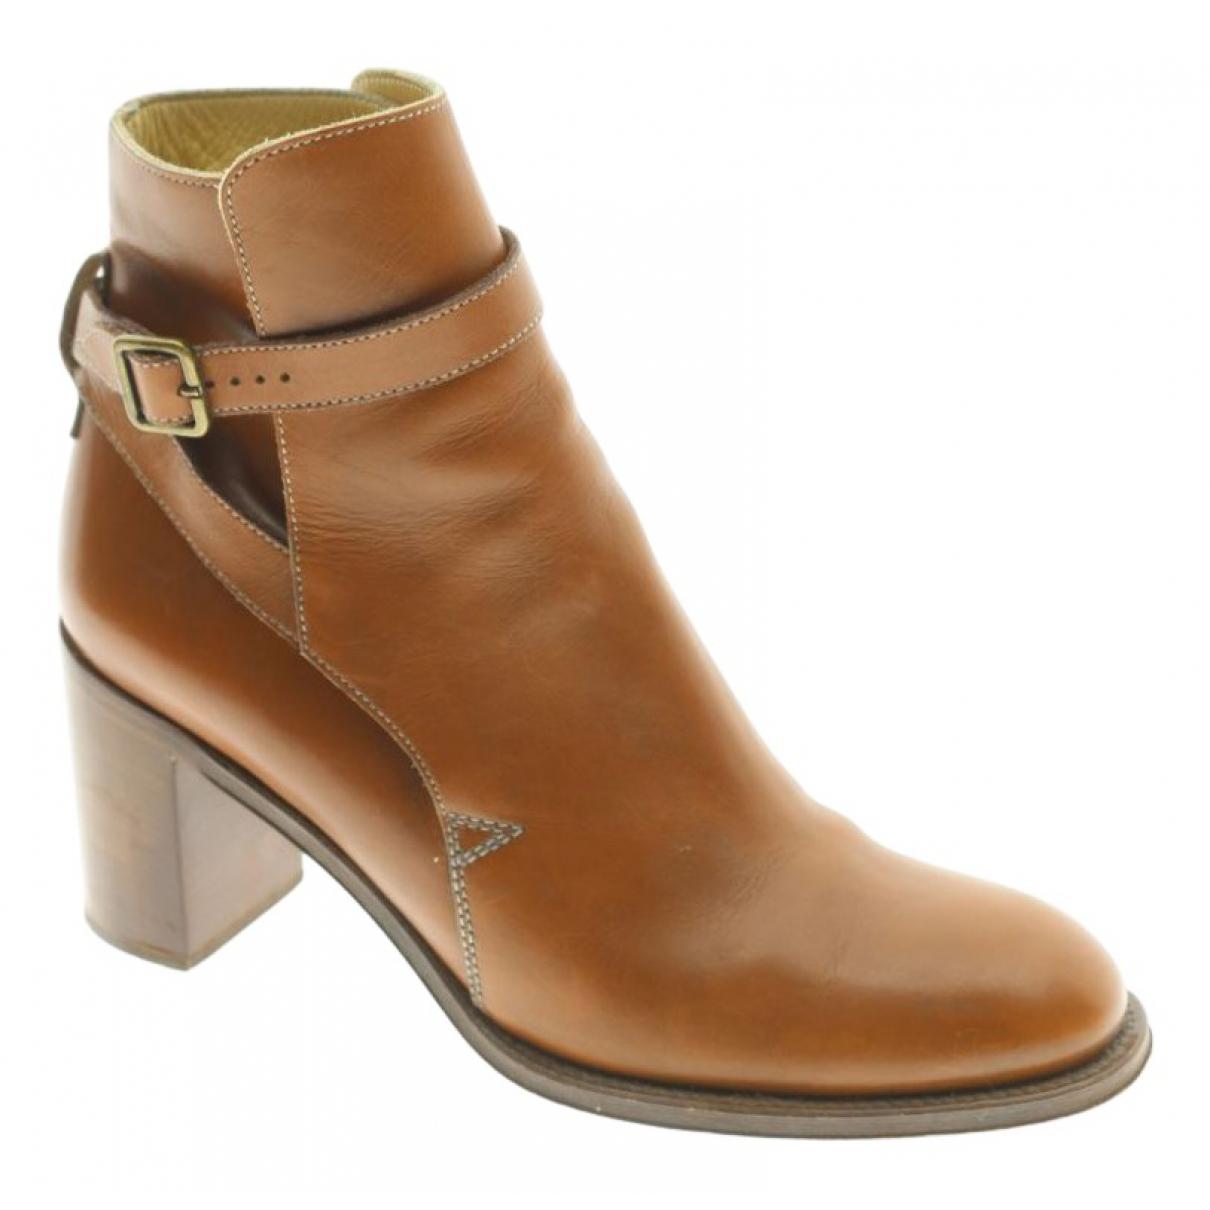 Chloe - Boots Lexie pour femme en fourrure - marron